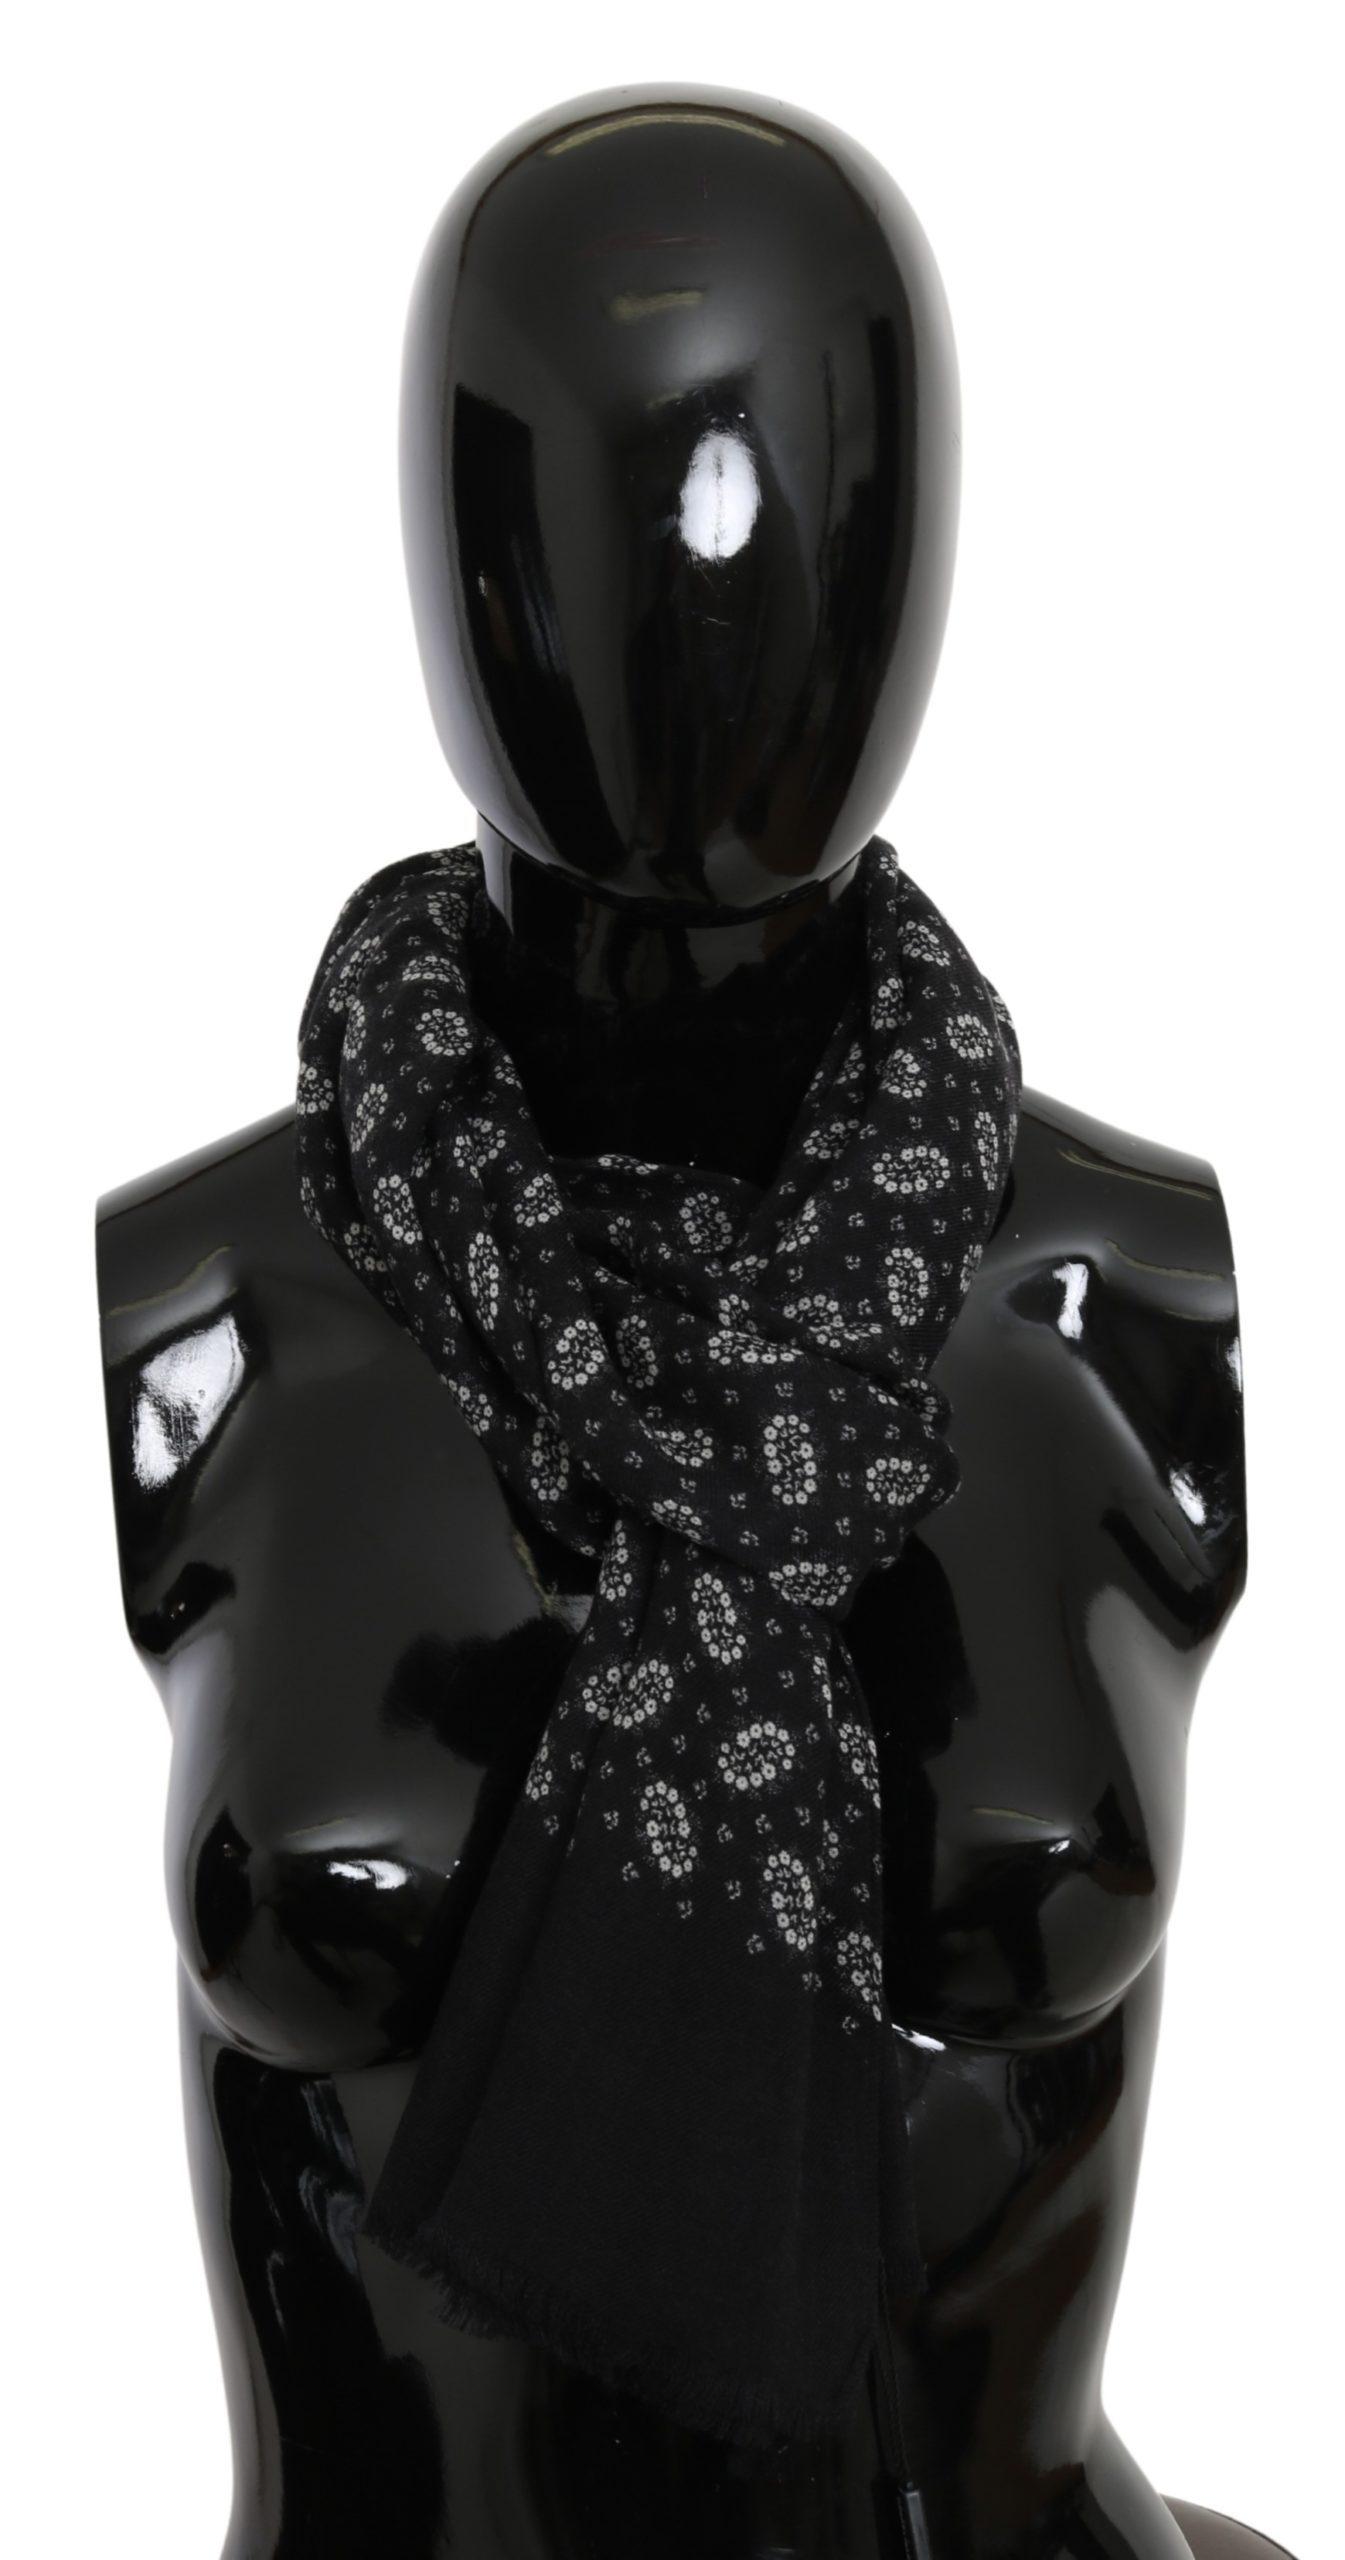 Dolce & Gabbana Men's Floral Fringe Wrap Cashmere Scarf Black MS1705BG